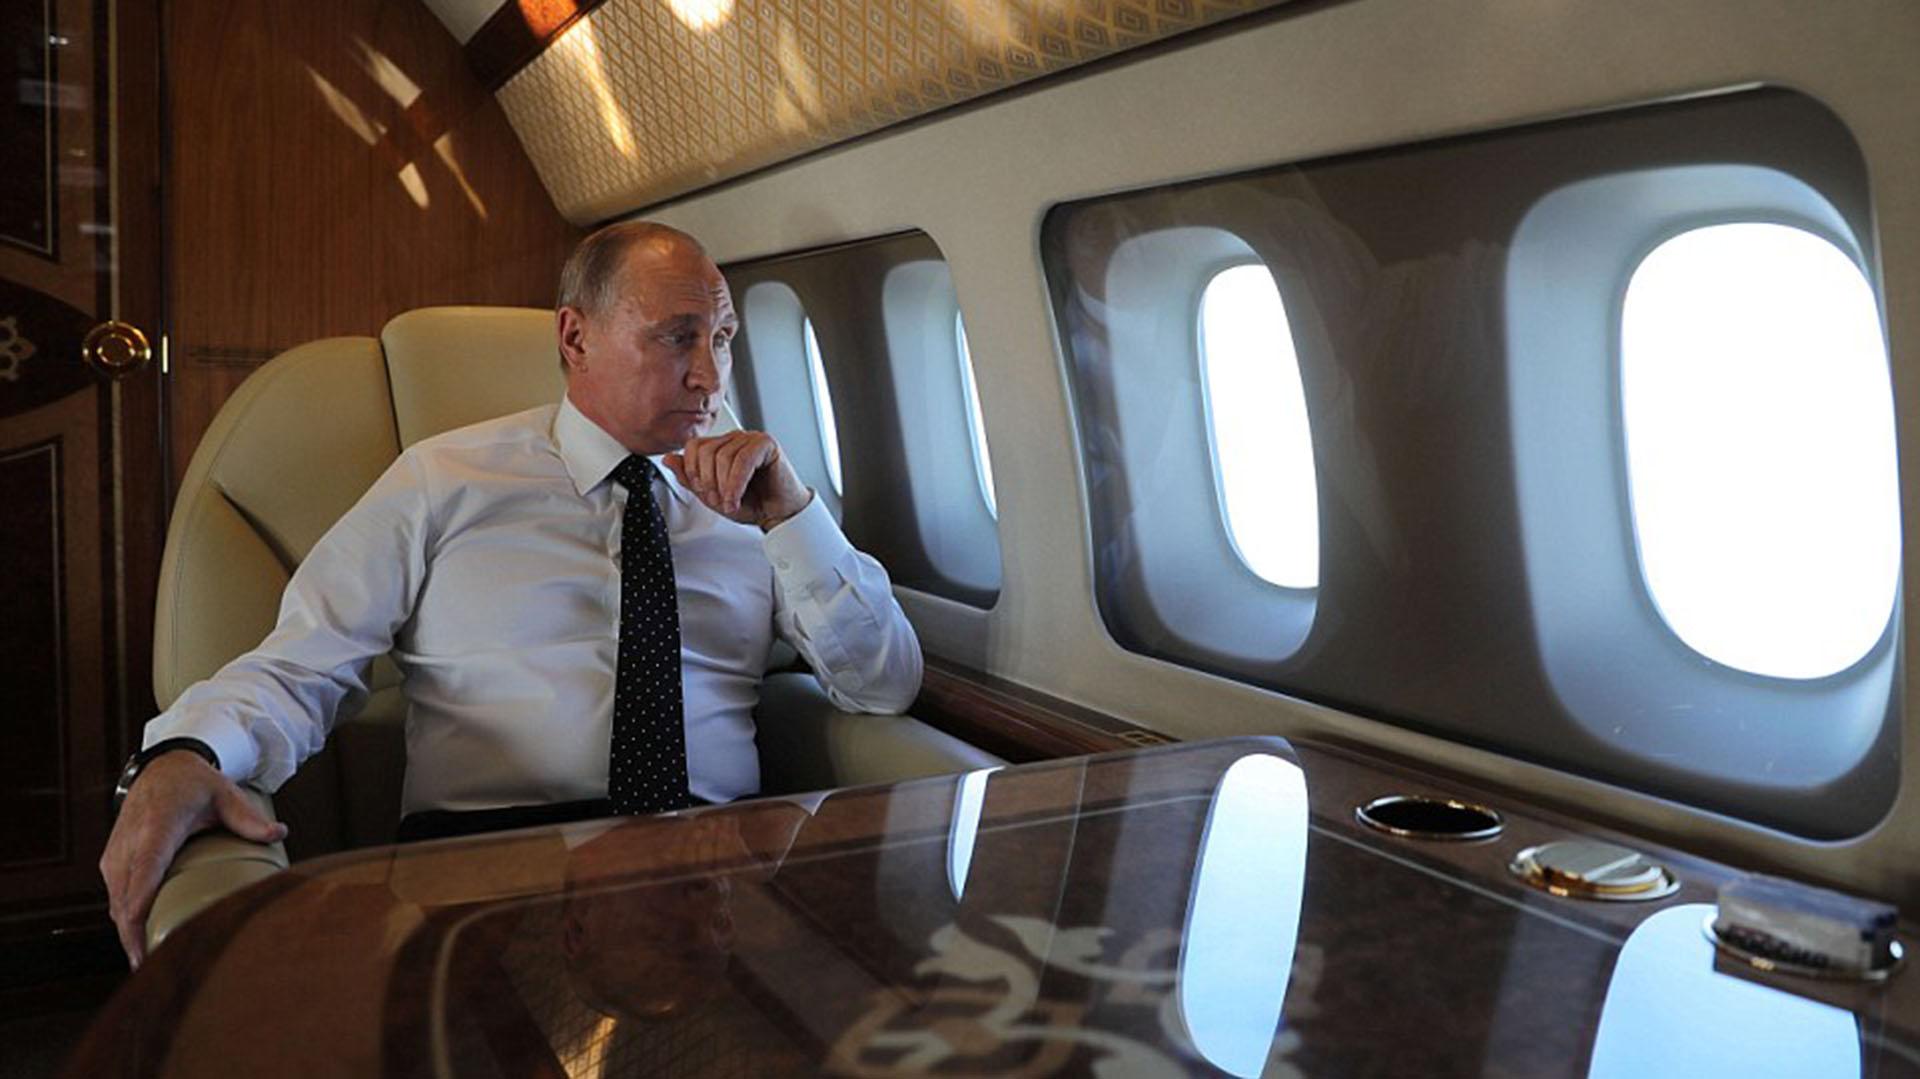 El presidente ruso, Vladimir Putin, tiene cuatro aviones idénticos (Foto: Reuters)